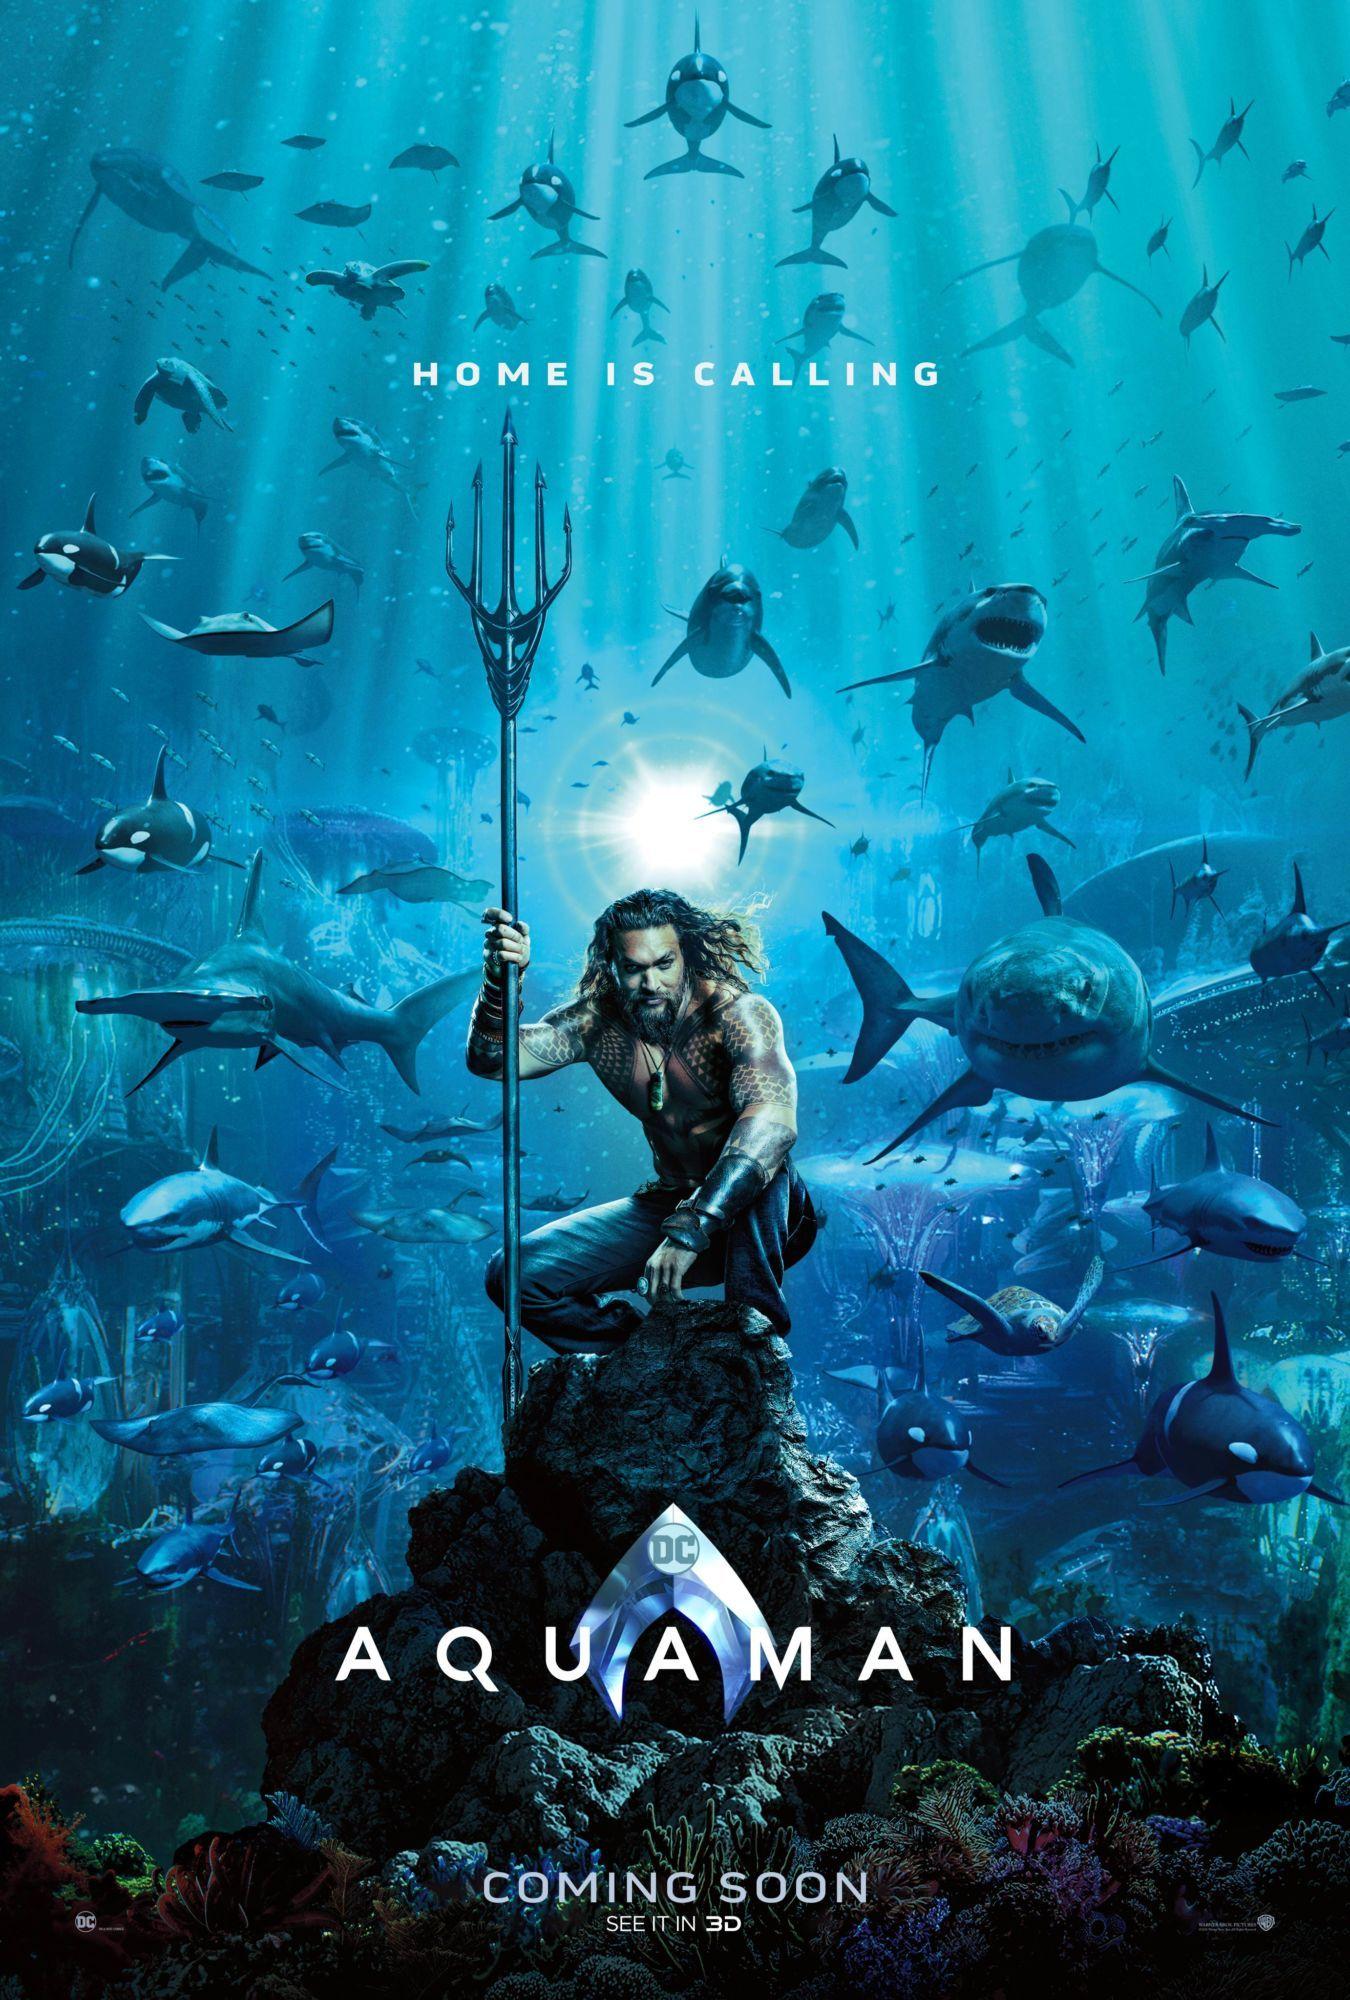 Aquaman-Teaser-Poster